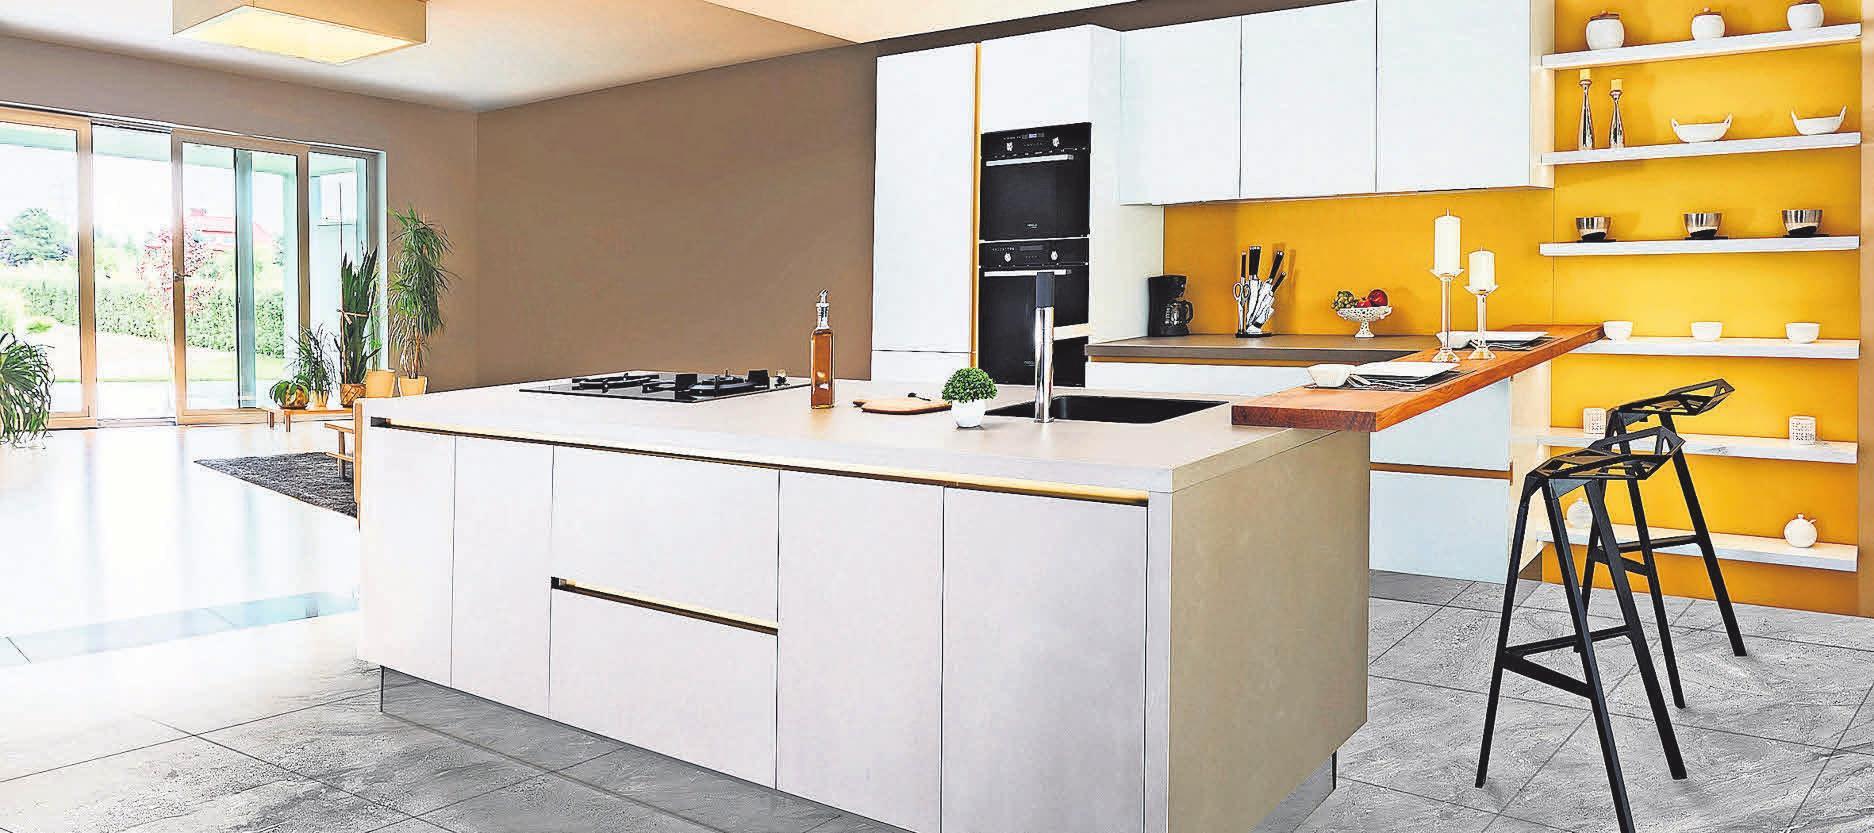 Eine ergonomische Küche überzeugt mit vielen variablen Möglichkeiten. Foto: Pexels.com